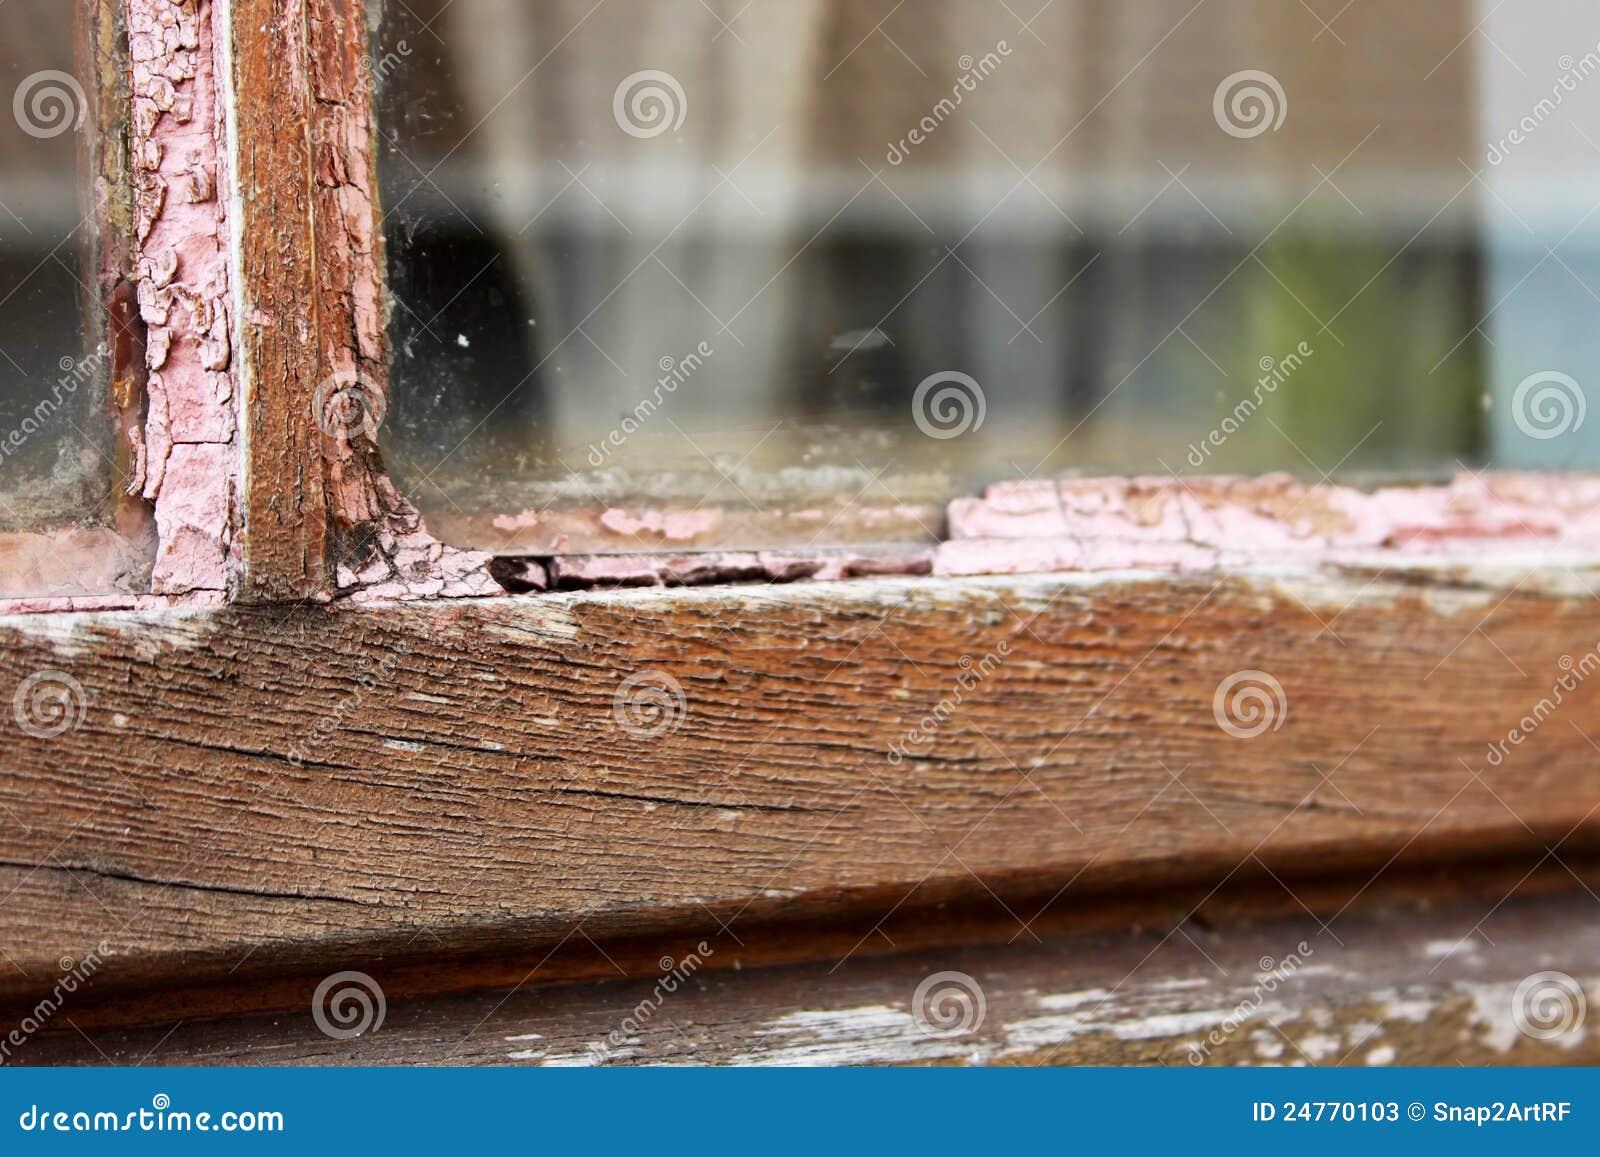 Het Houten Raamkozijn van het Onderhoud van de Reparatie van het huis